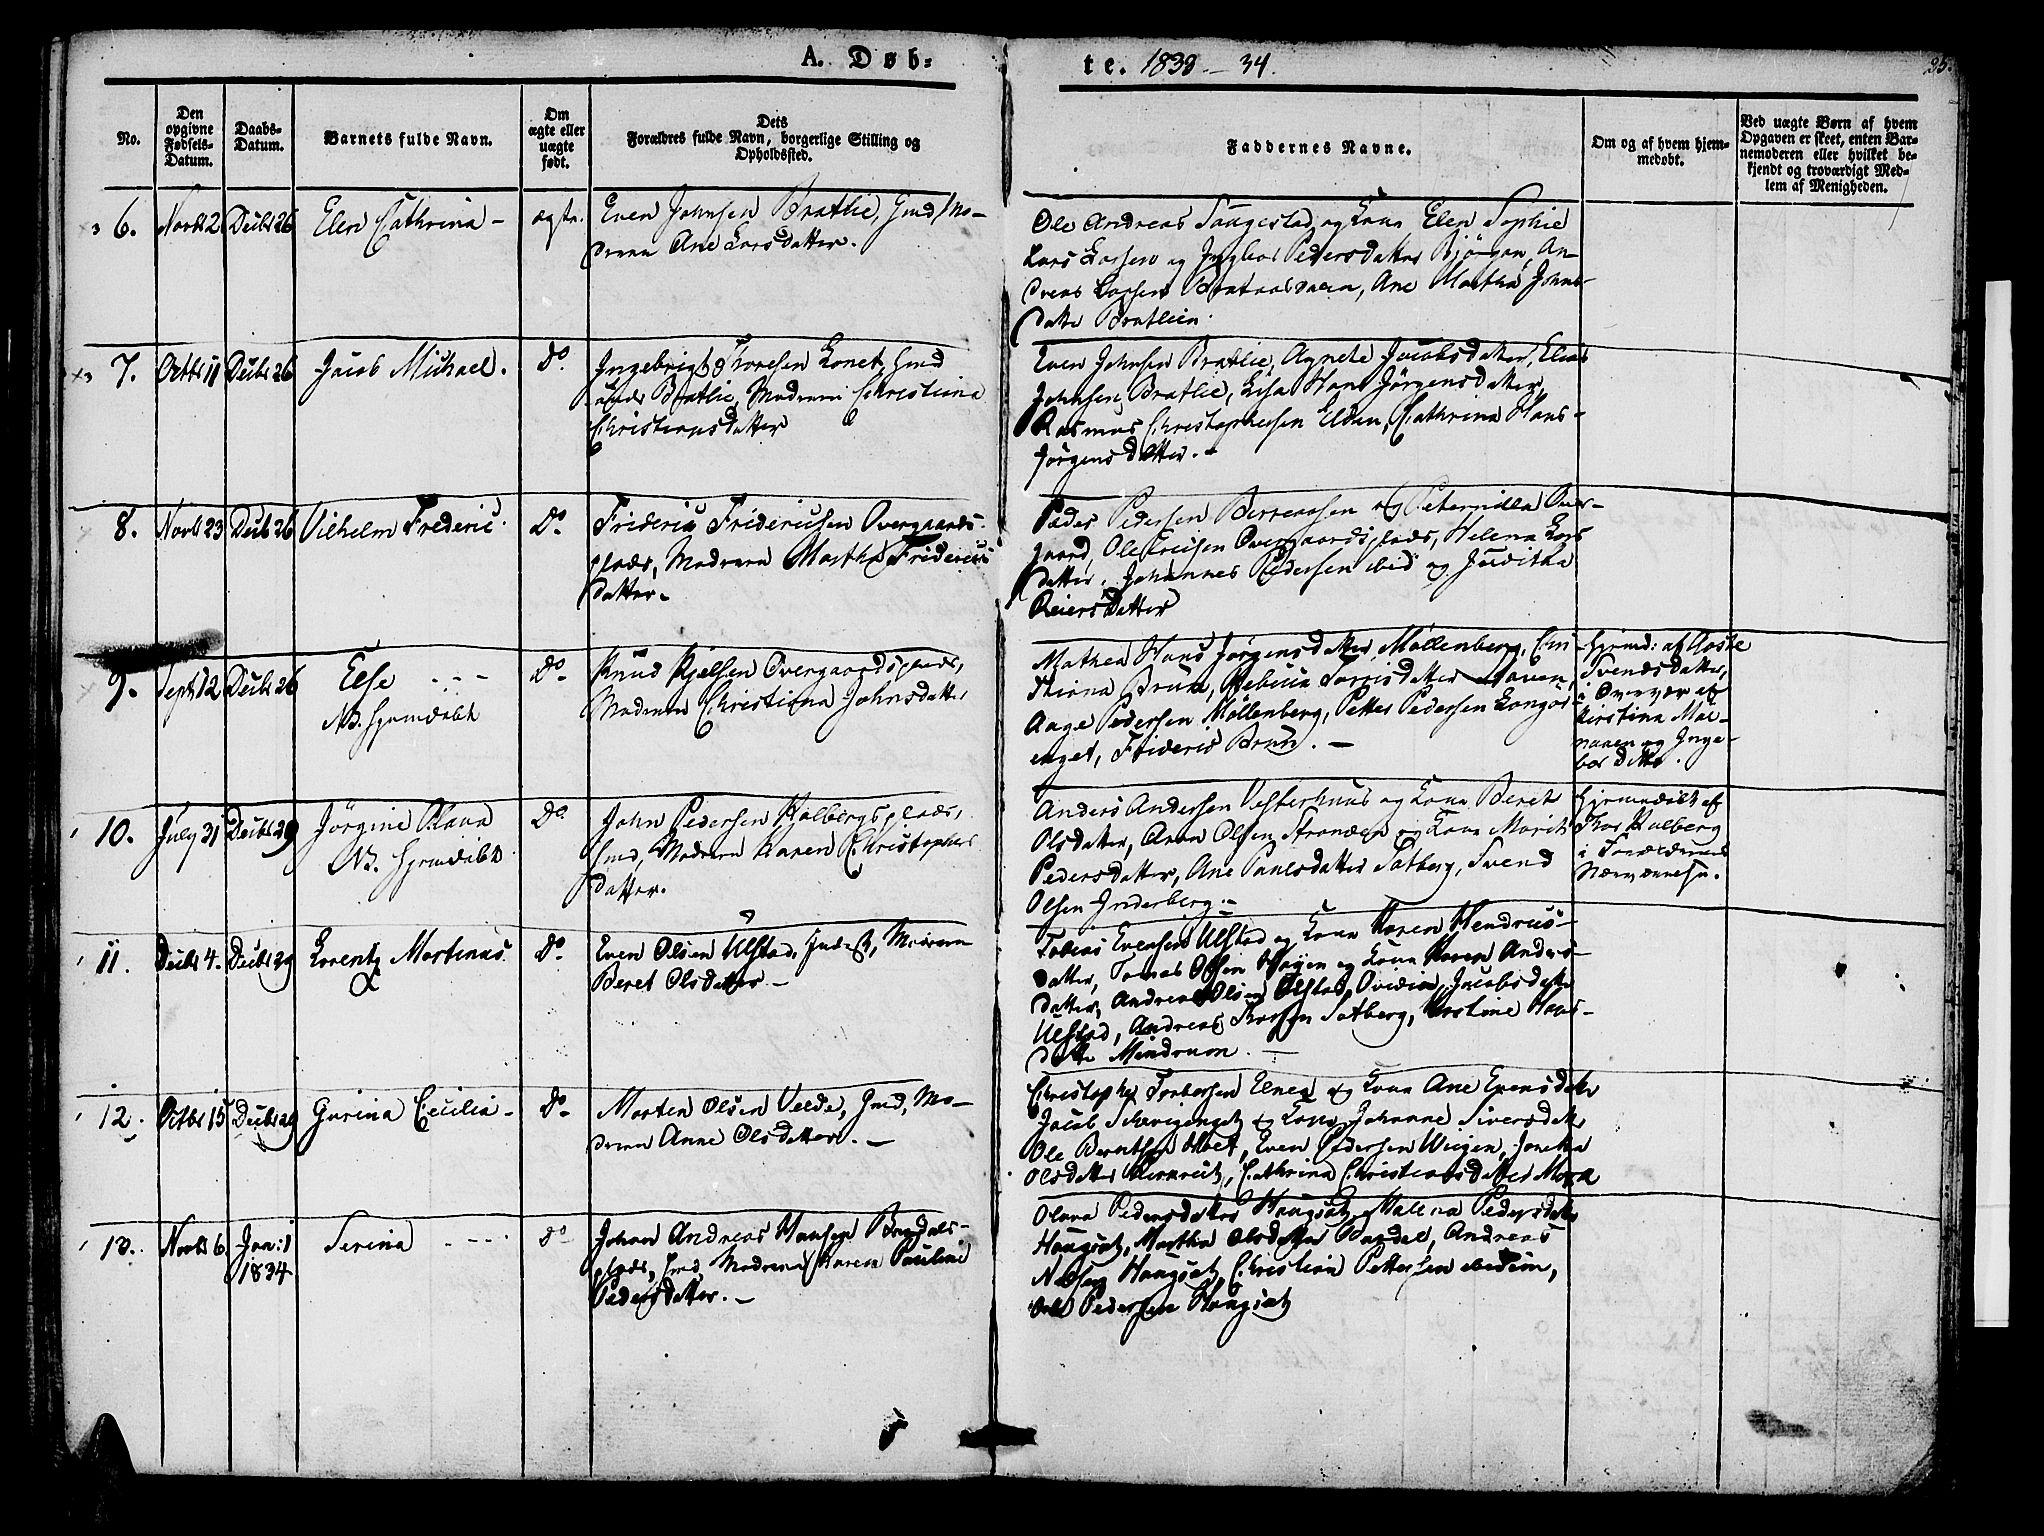 SAT, Ministerialprotokoller, klokkerbøker og fødselsregistre - Nord-Trøndelag, 741/L0391: Ministerialbok nr. 741A05, 1831-1836, s. 25